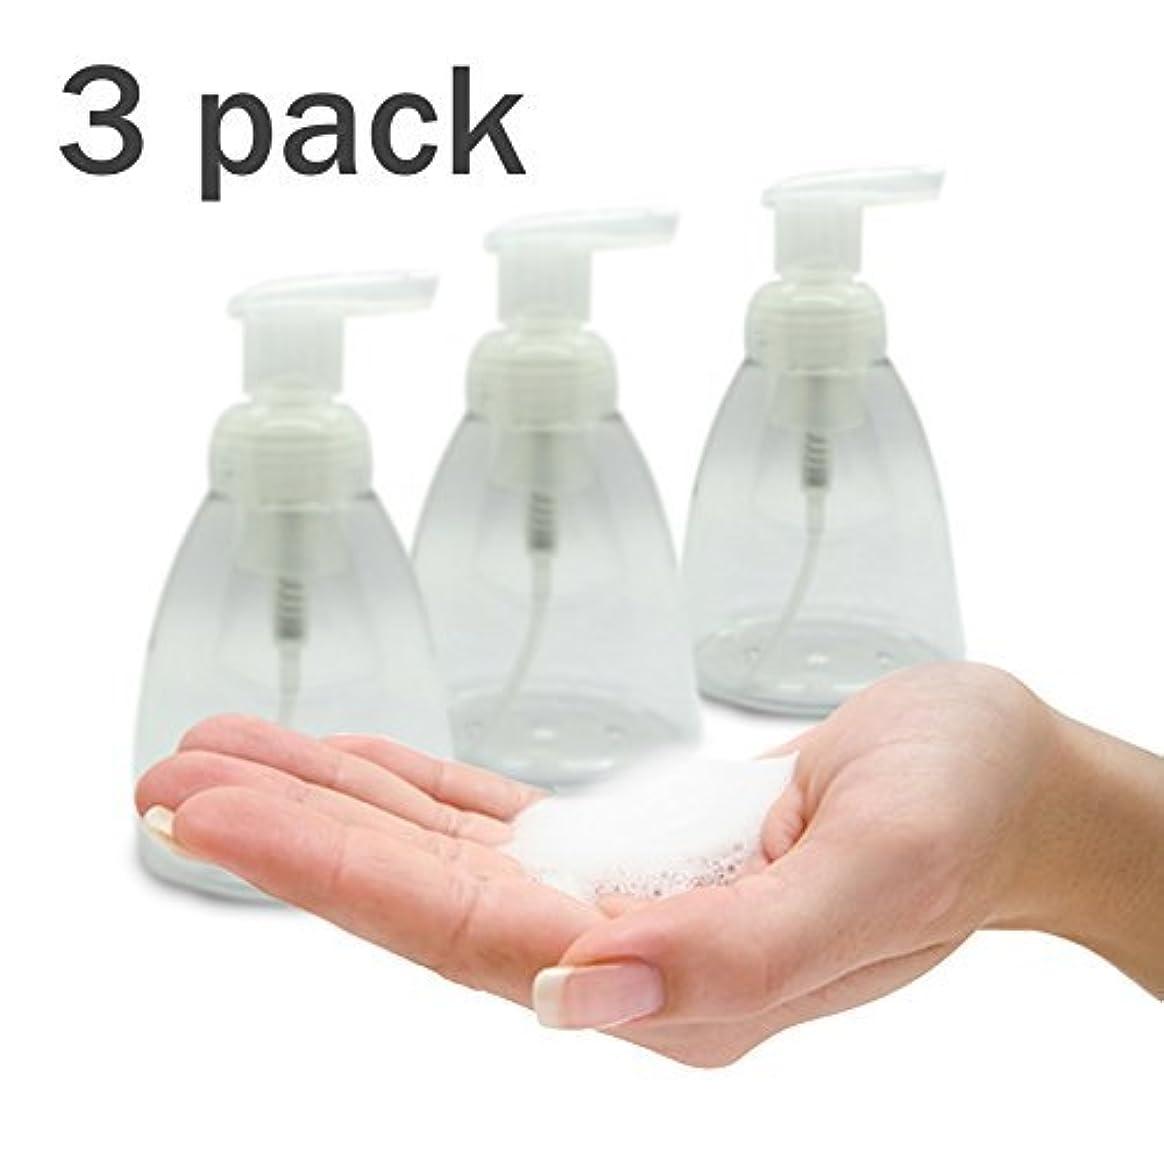 日しかしアーティキュレーションFoaming Soap Dispenser Set of 3 pack 300ml (10 oz) Empty Bottles Hand Soap Liquid Containers. Save Money! Less...